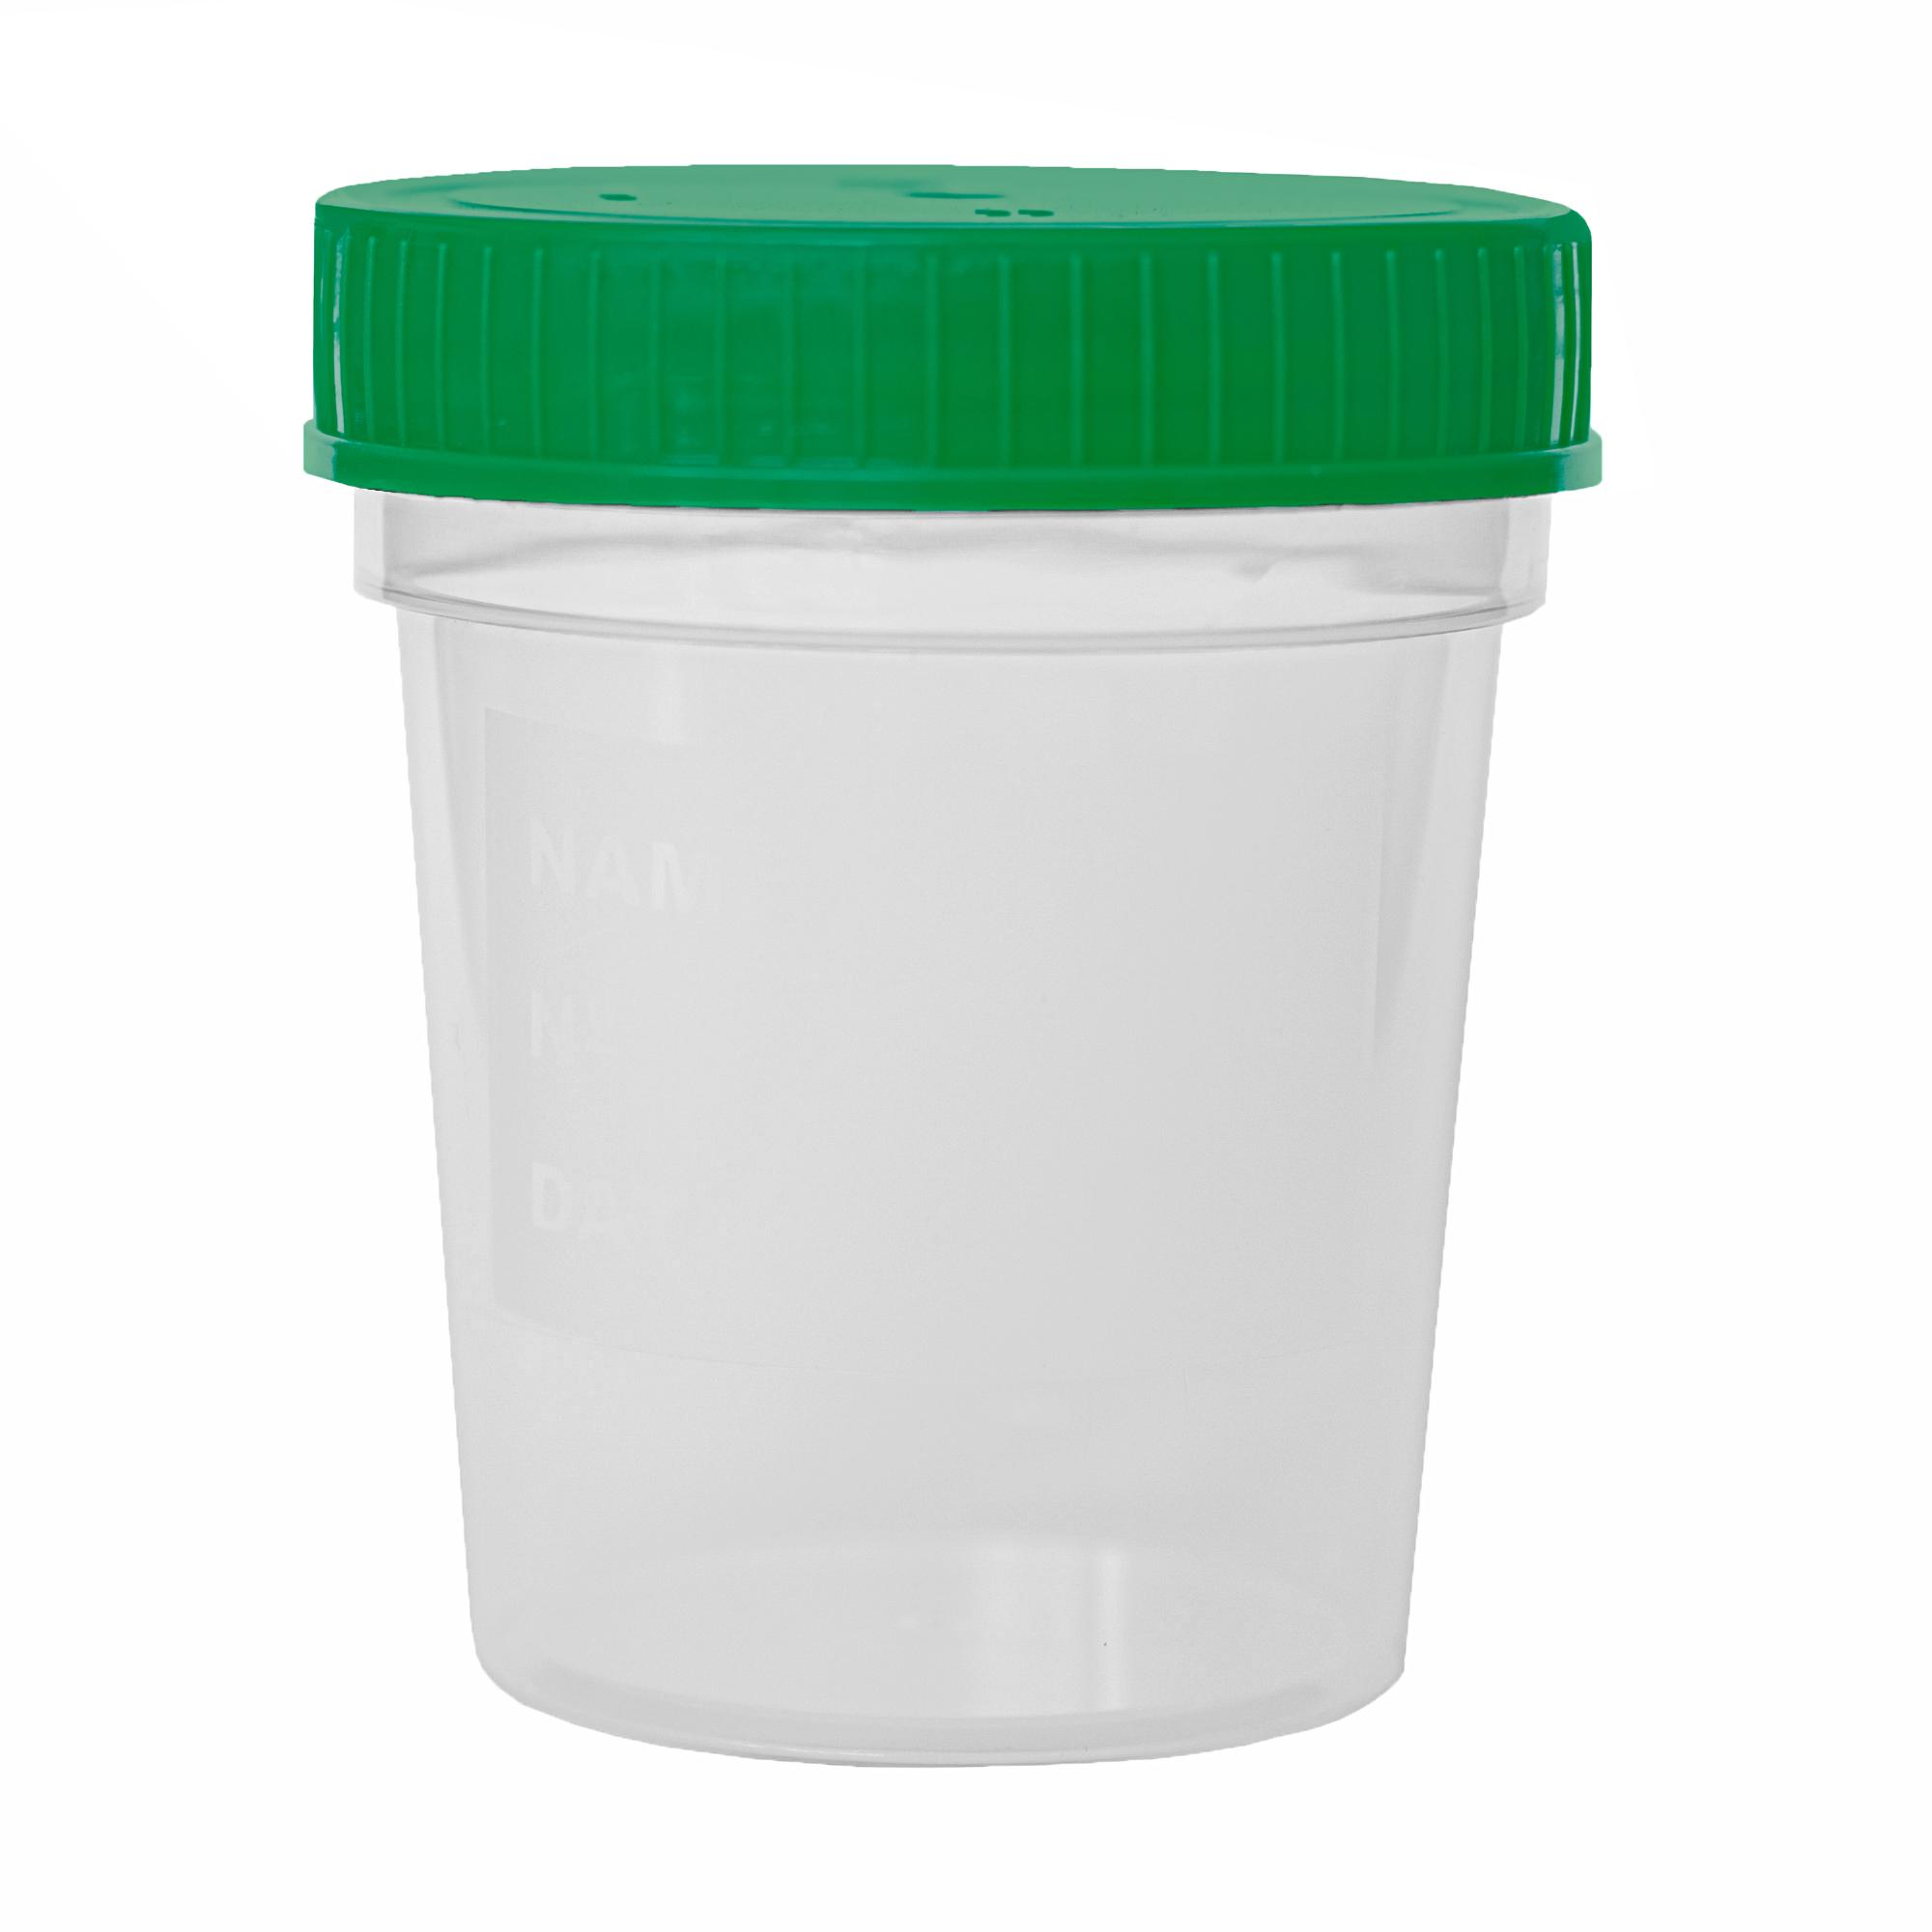 Urinbecher mit grünem Schraubdeckel - 125 ml